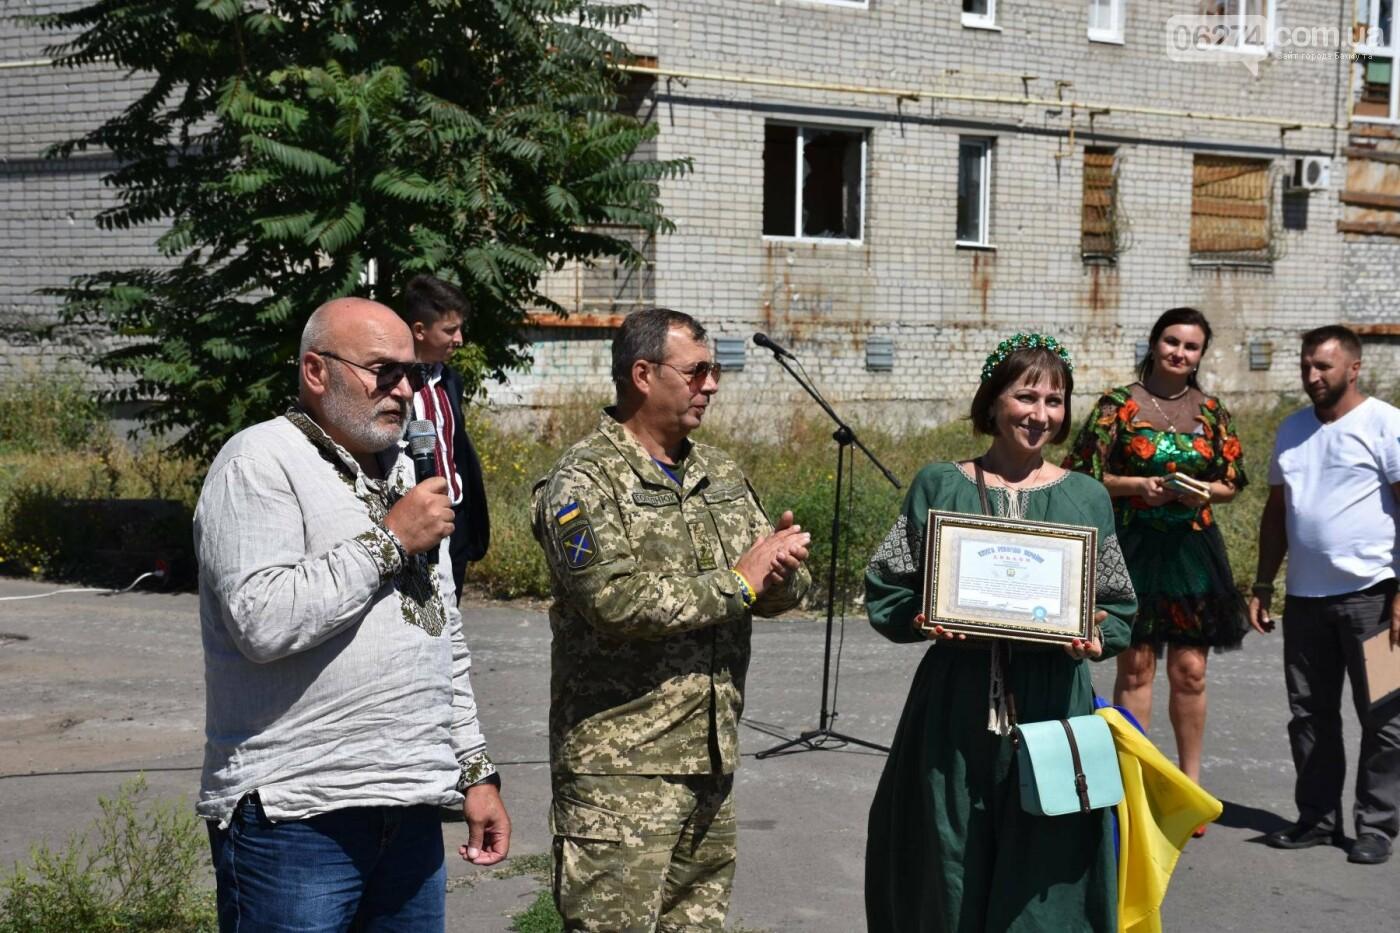 Бахмутчанка сшила флаг Украины для жителей оккупированных территорий, фото-7